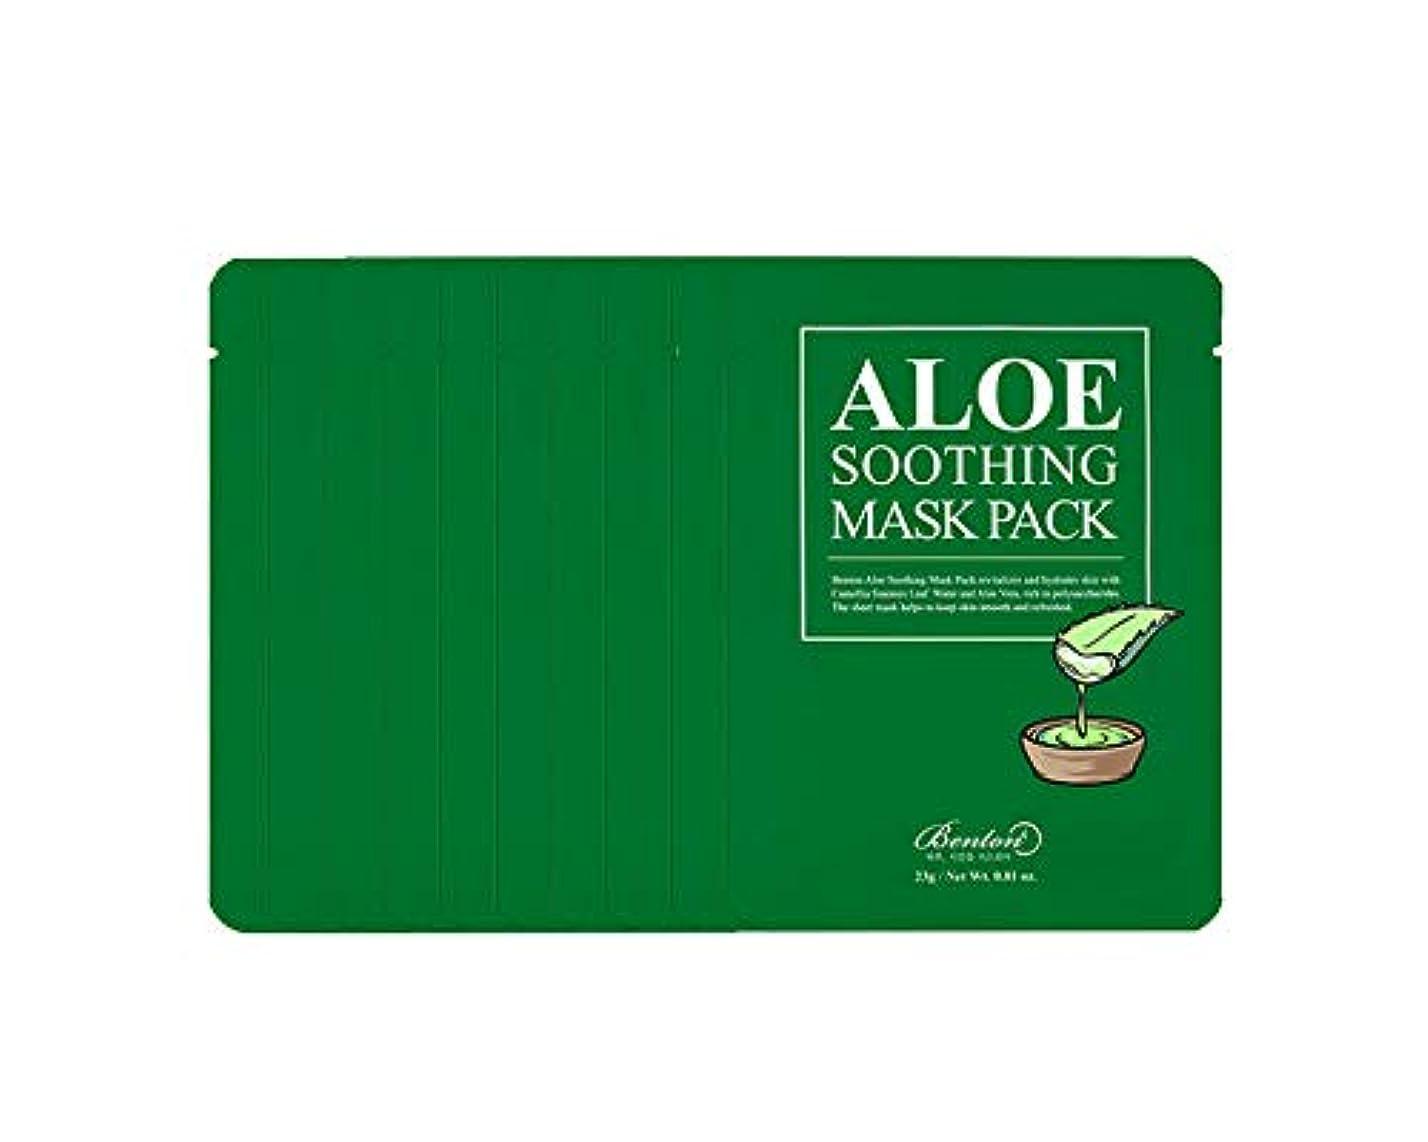 妊娠した価値のない熟練した[ベントン] アロエスージングマスクパック Benton Aloe Soothing Mask Pack 10 Sheets [並行輸入品]